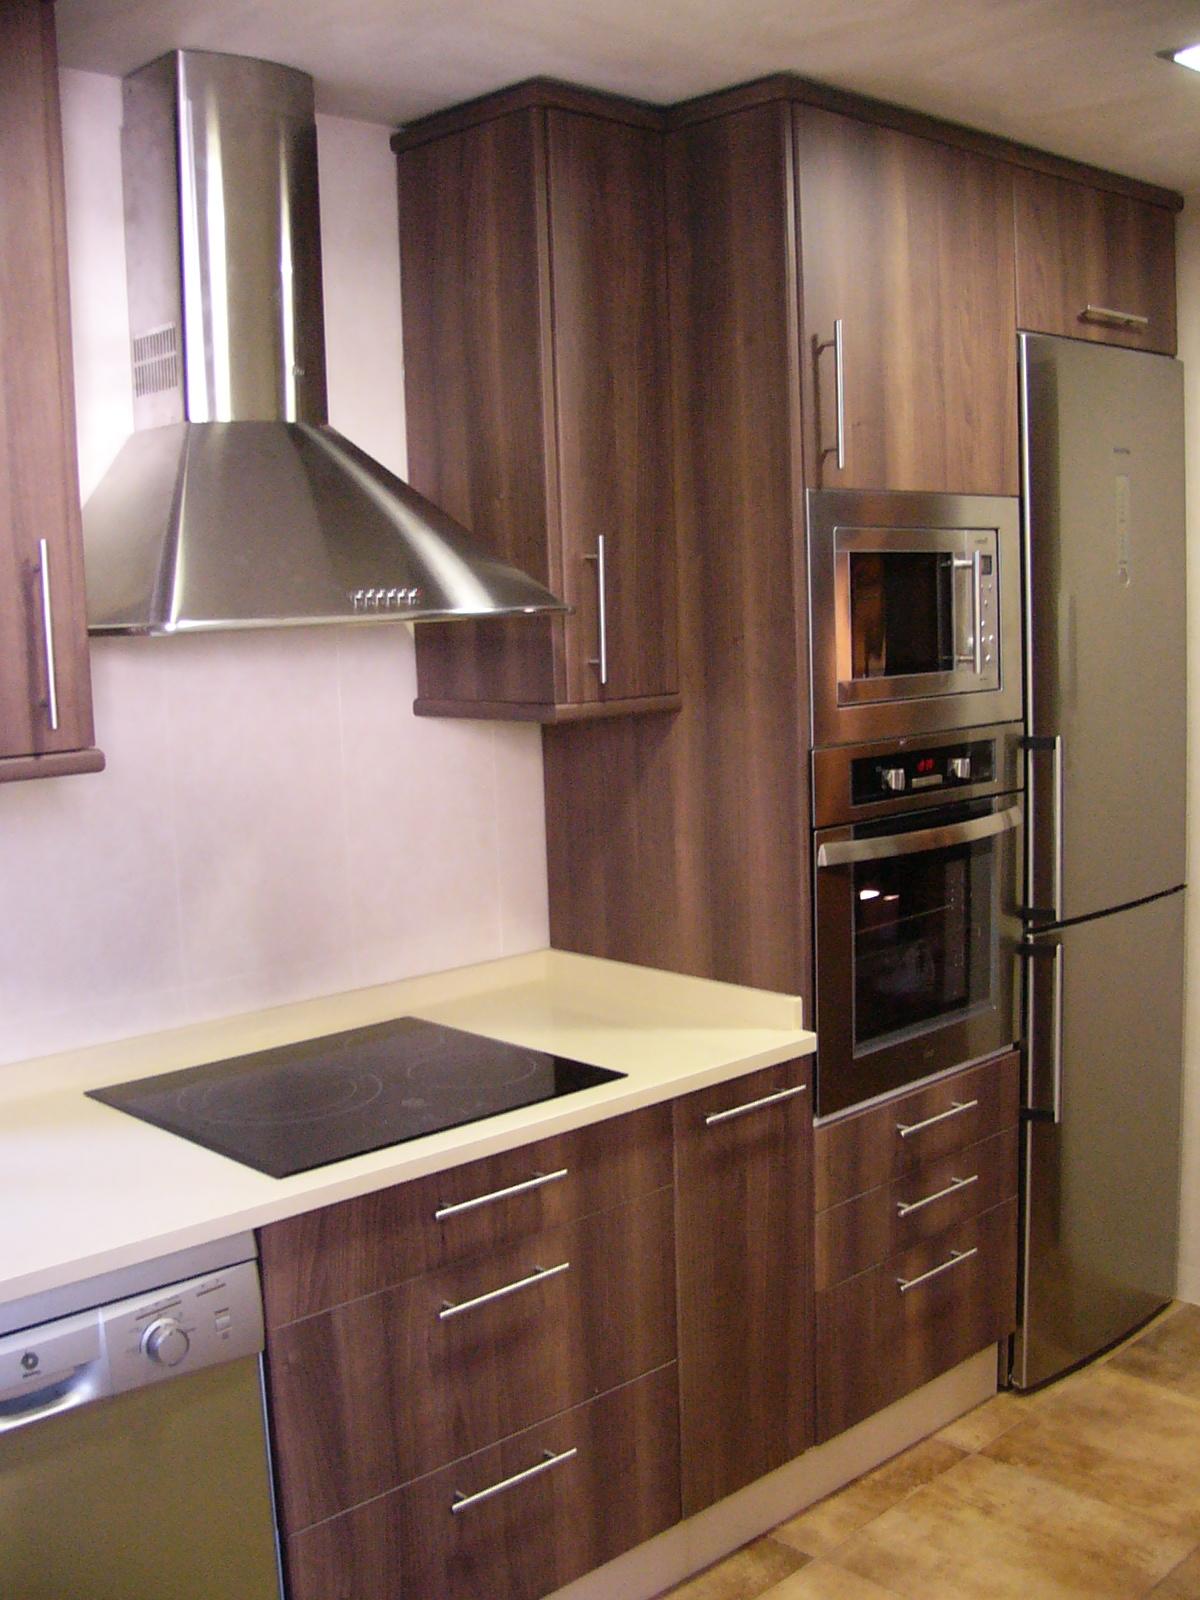 Muebles De Cocina Color Wengue | Muebles De Cocina Amoblamientos Nexo